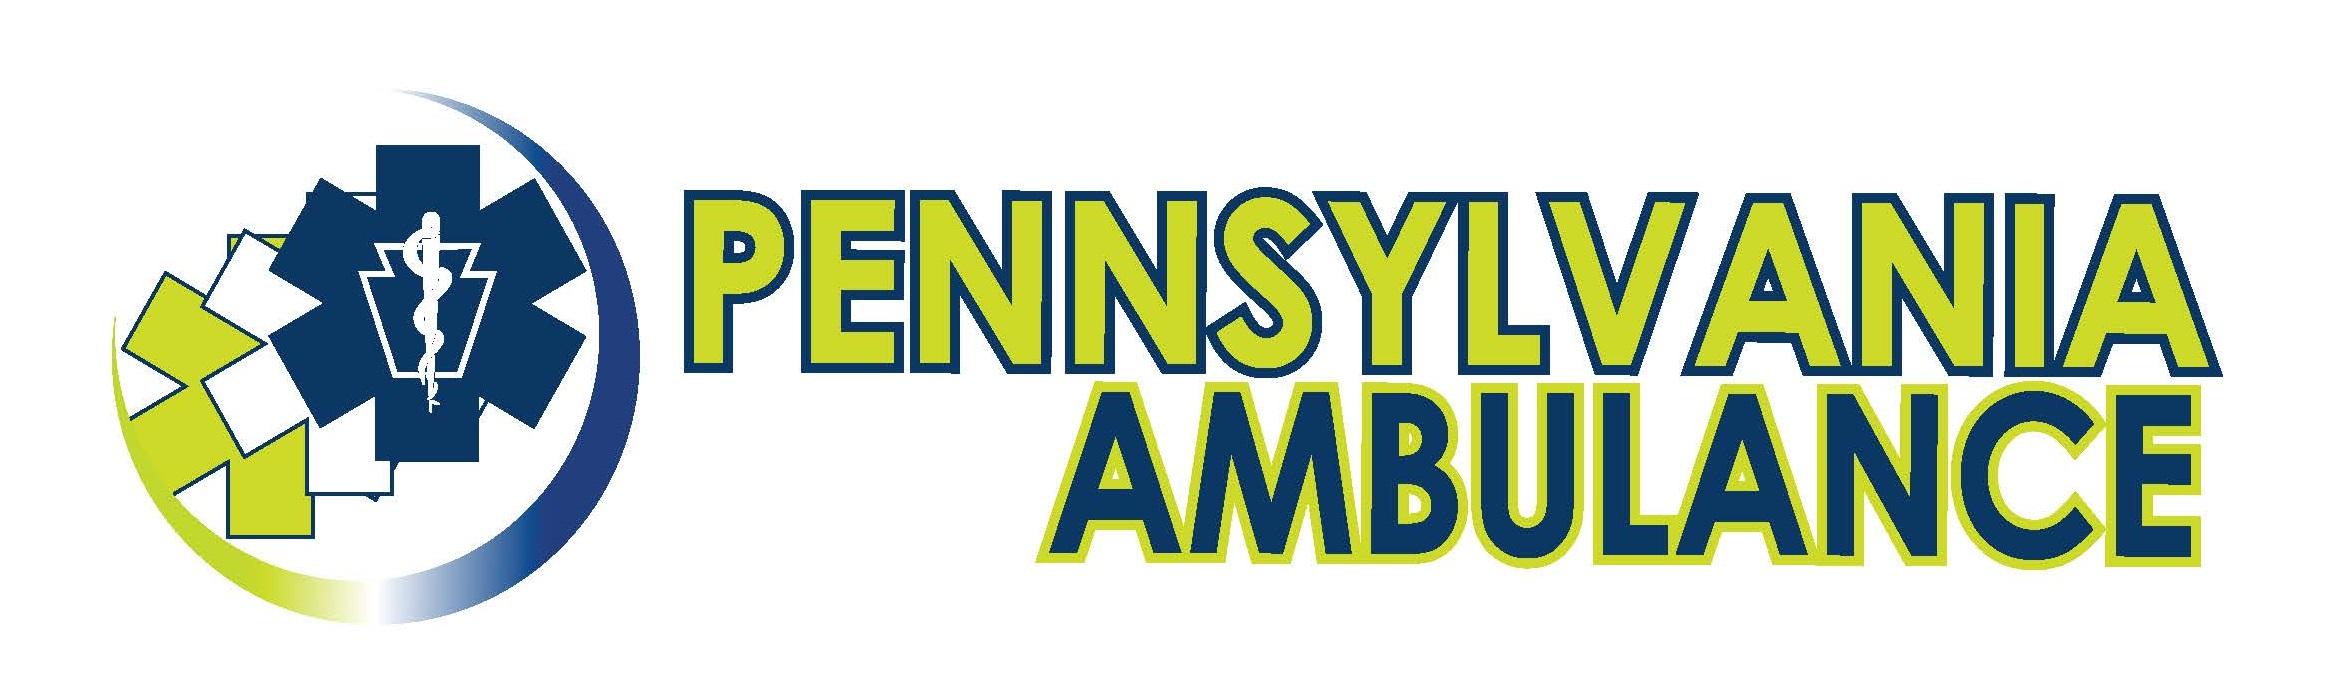 Pennsylvania Ambulance